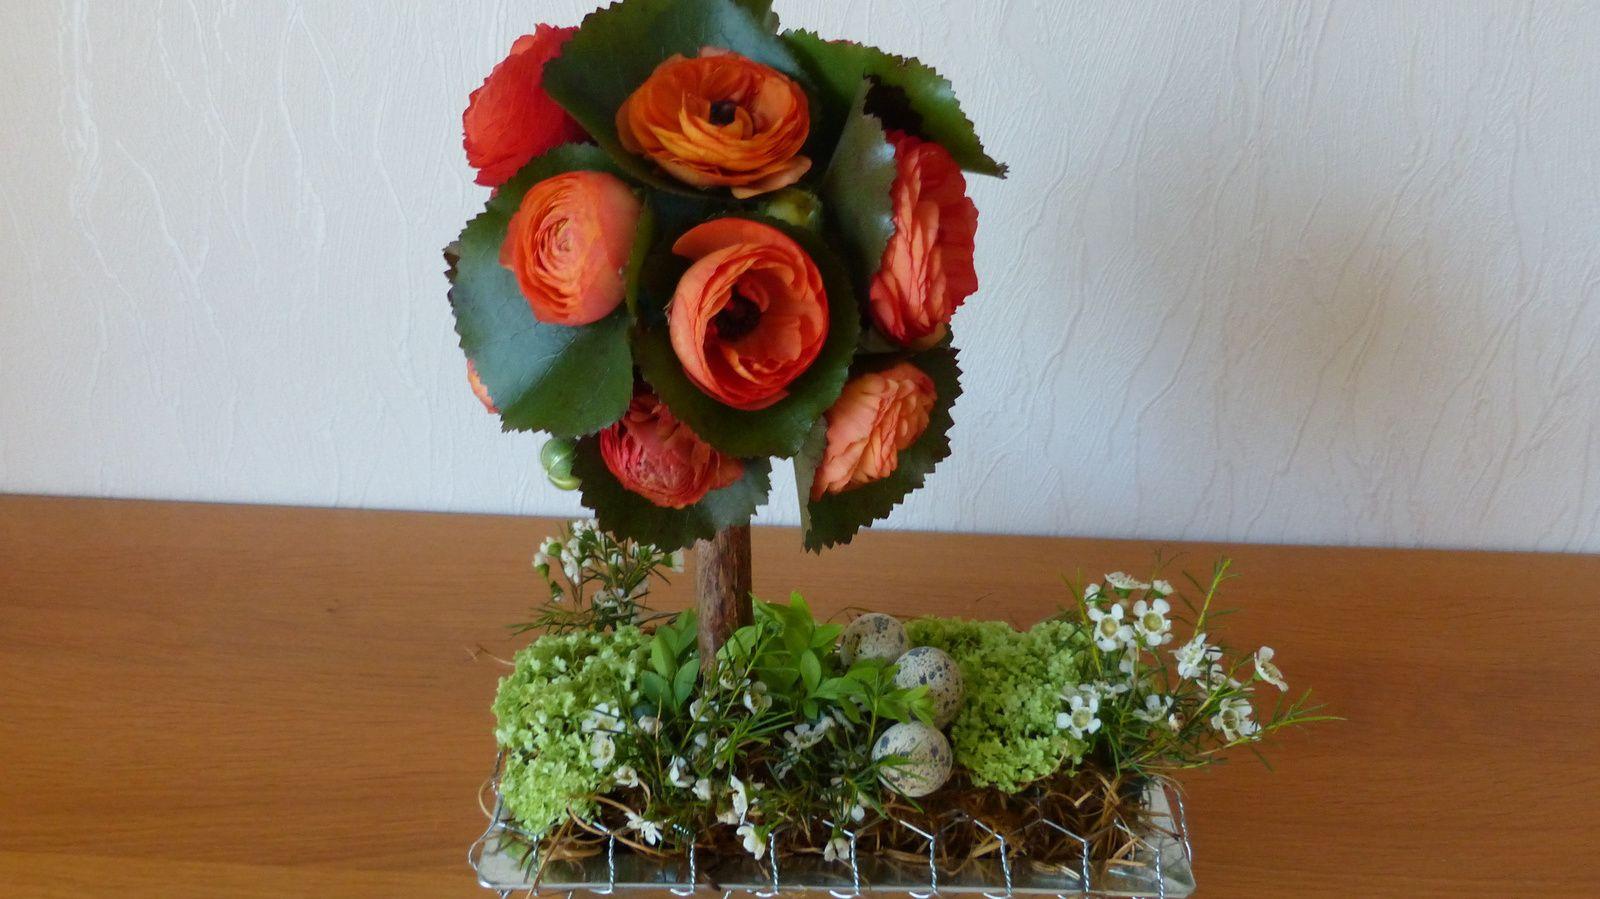 Bouquet du 16 avril : une belle présentation pour accueillir les oeufs de Pâques. Le petit arbre est fait avec des renoncules orange et des feuilles de galax et le reste du décor avec du viburnum et du waxflower ofir.